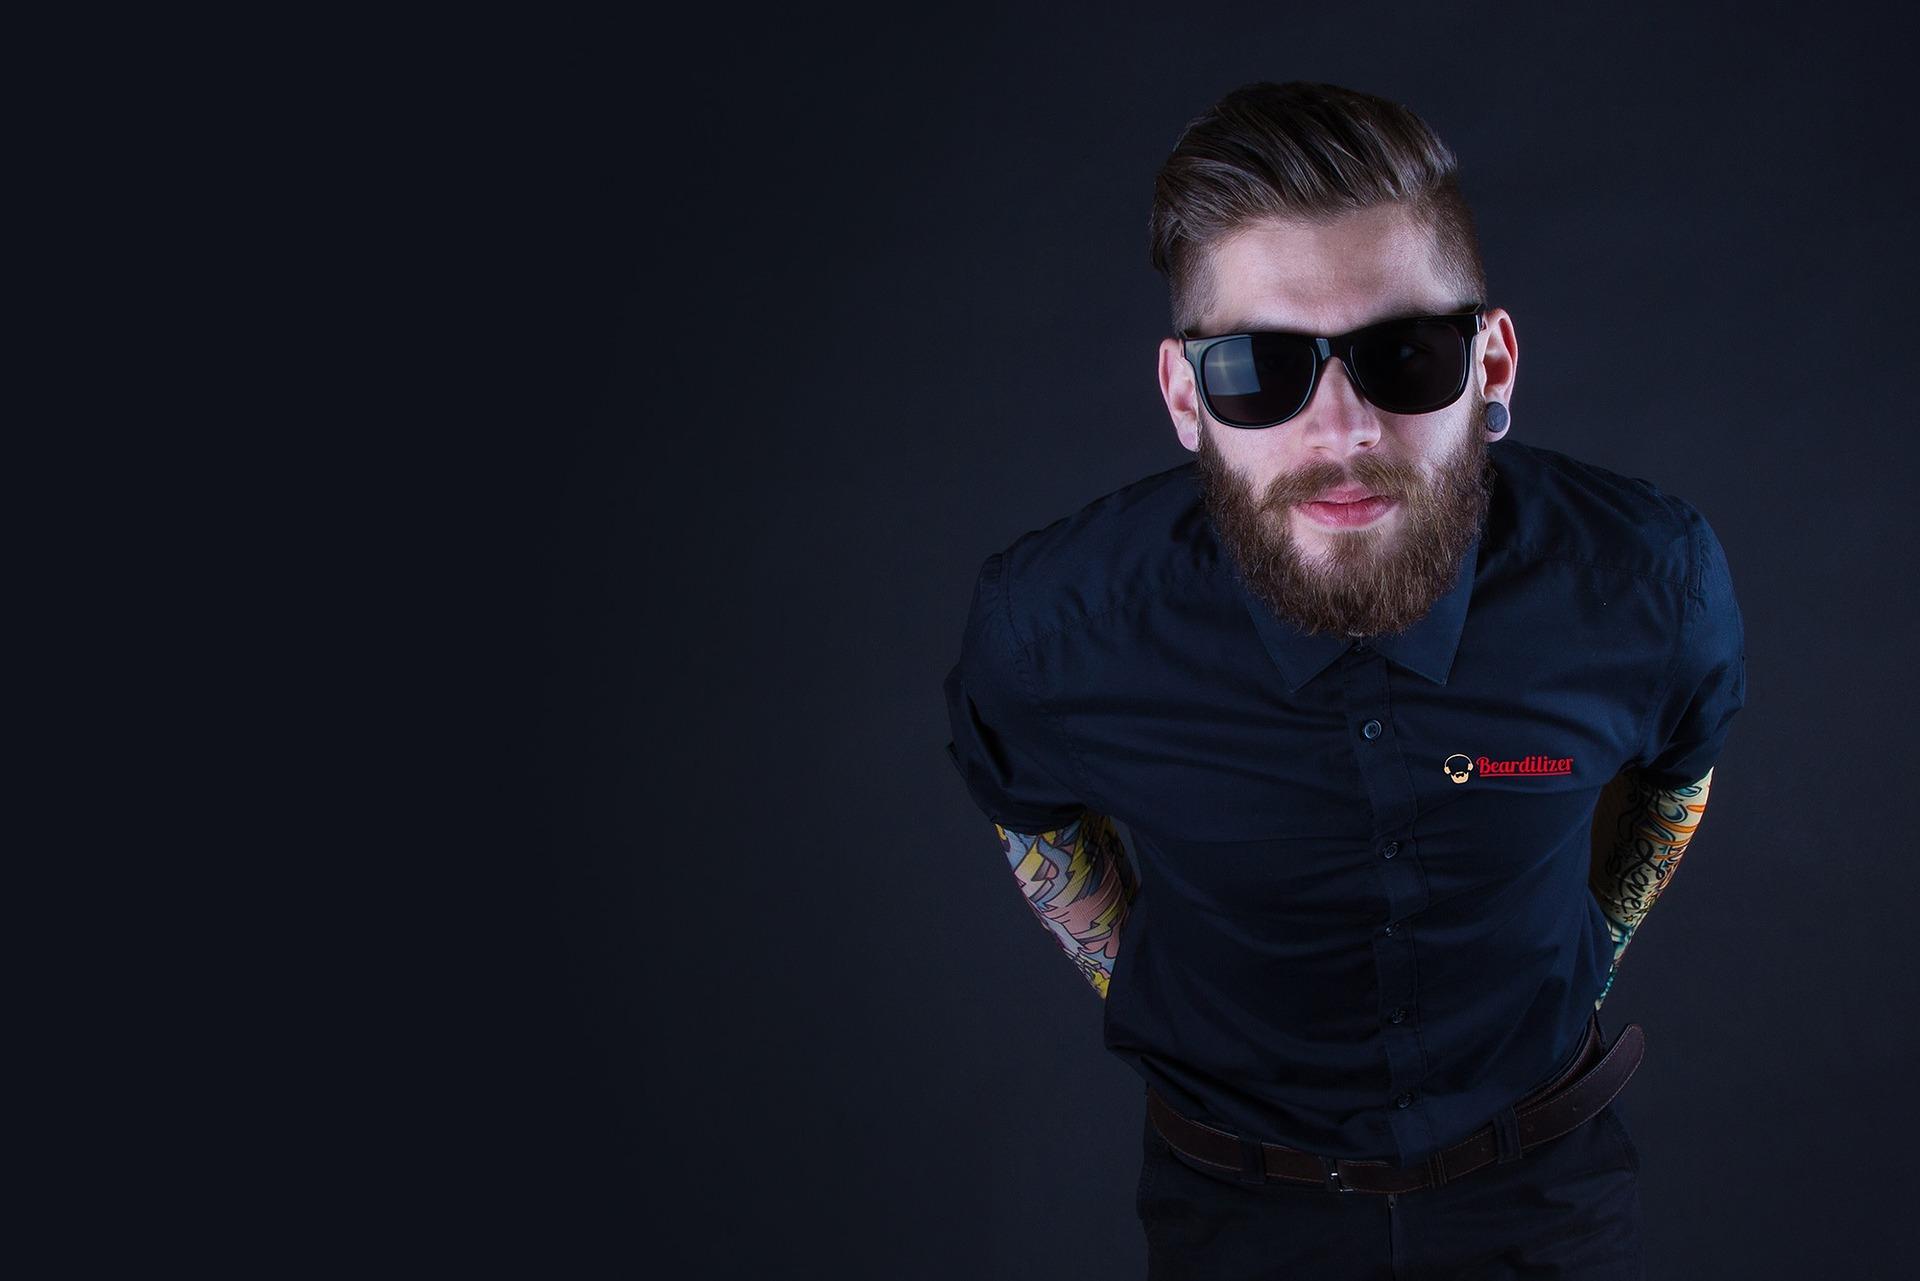 Die 10 Gebarte zum Welt-Bart-Tag